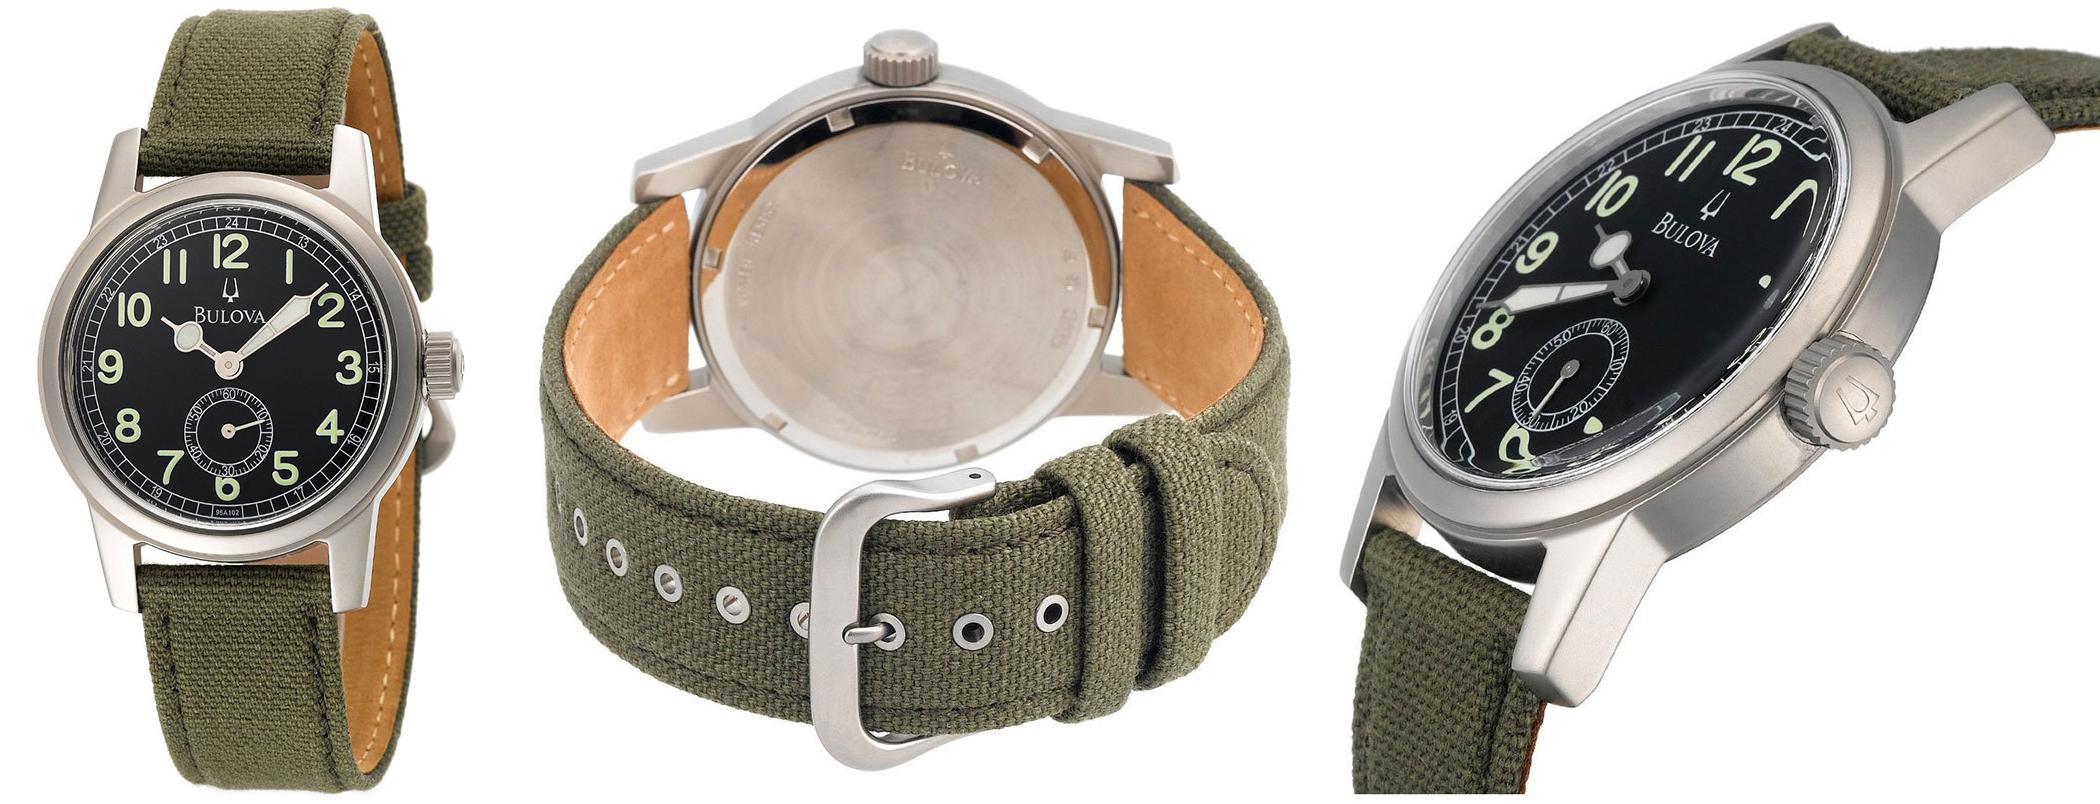 Bulova Hack Horloge